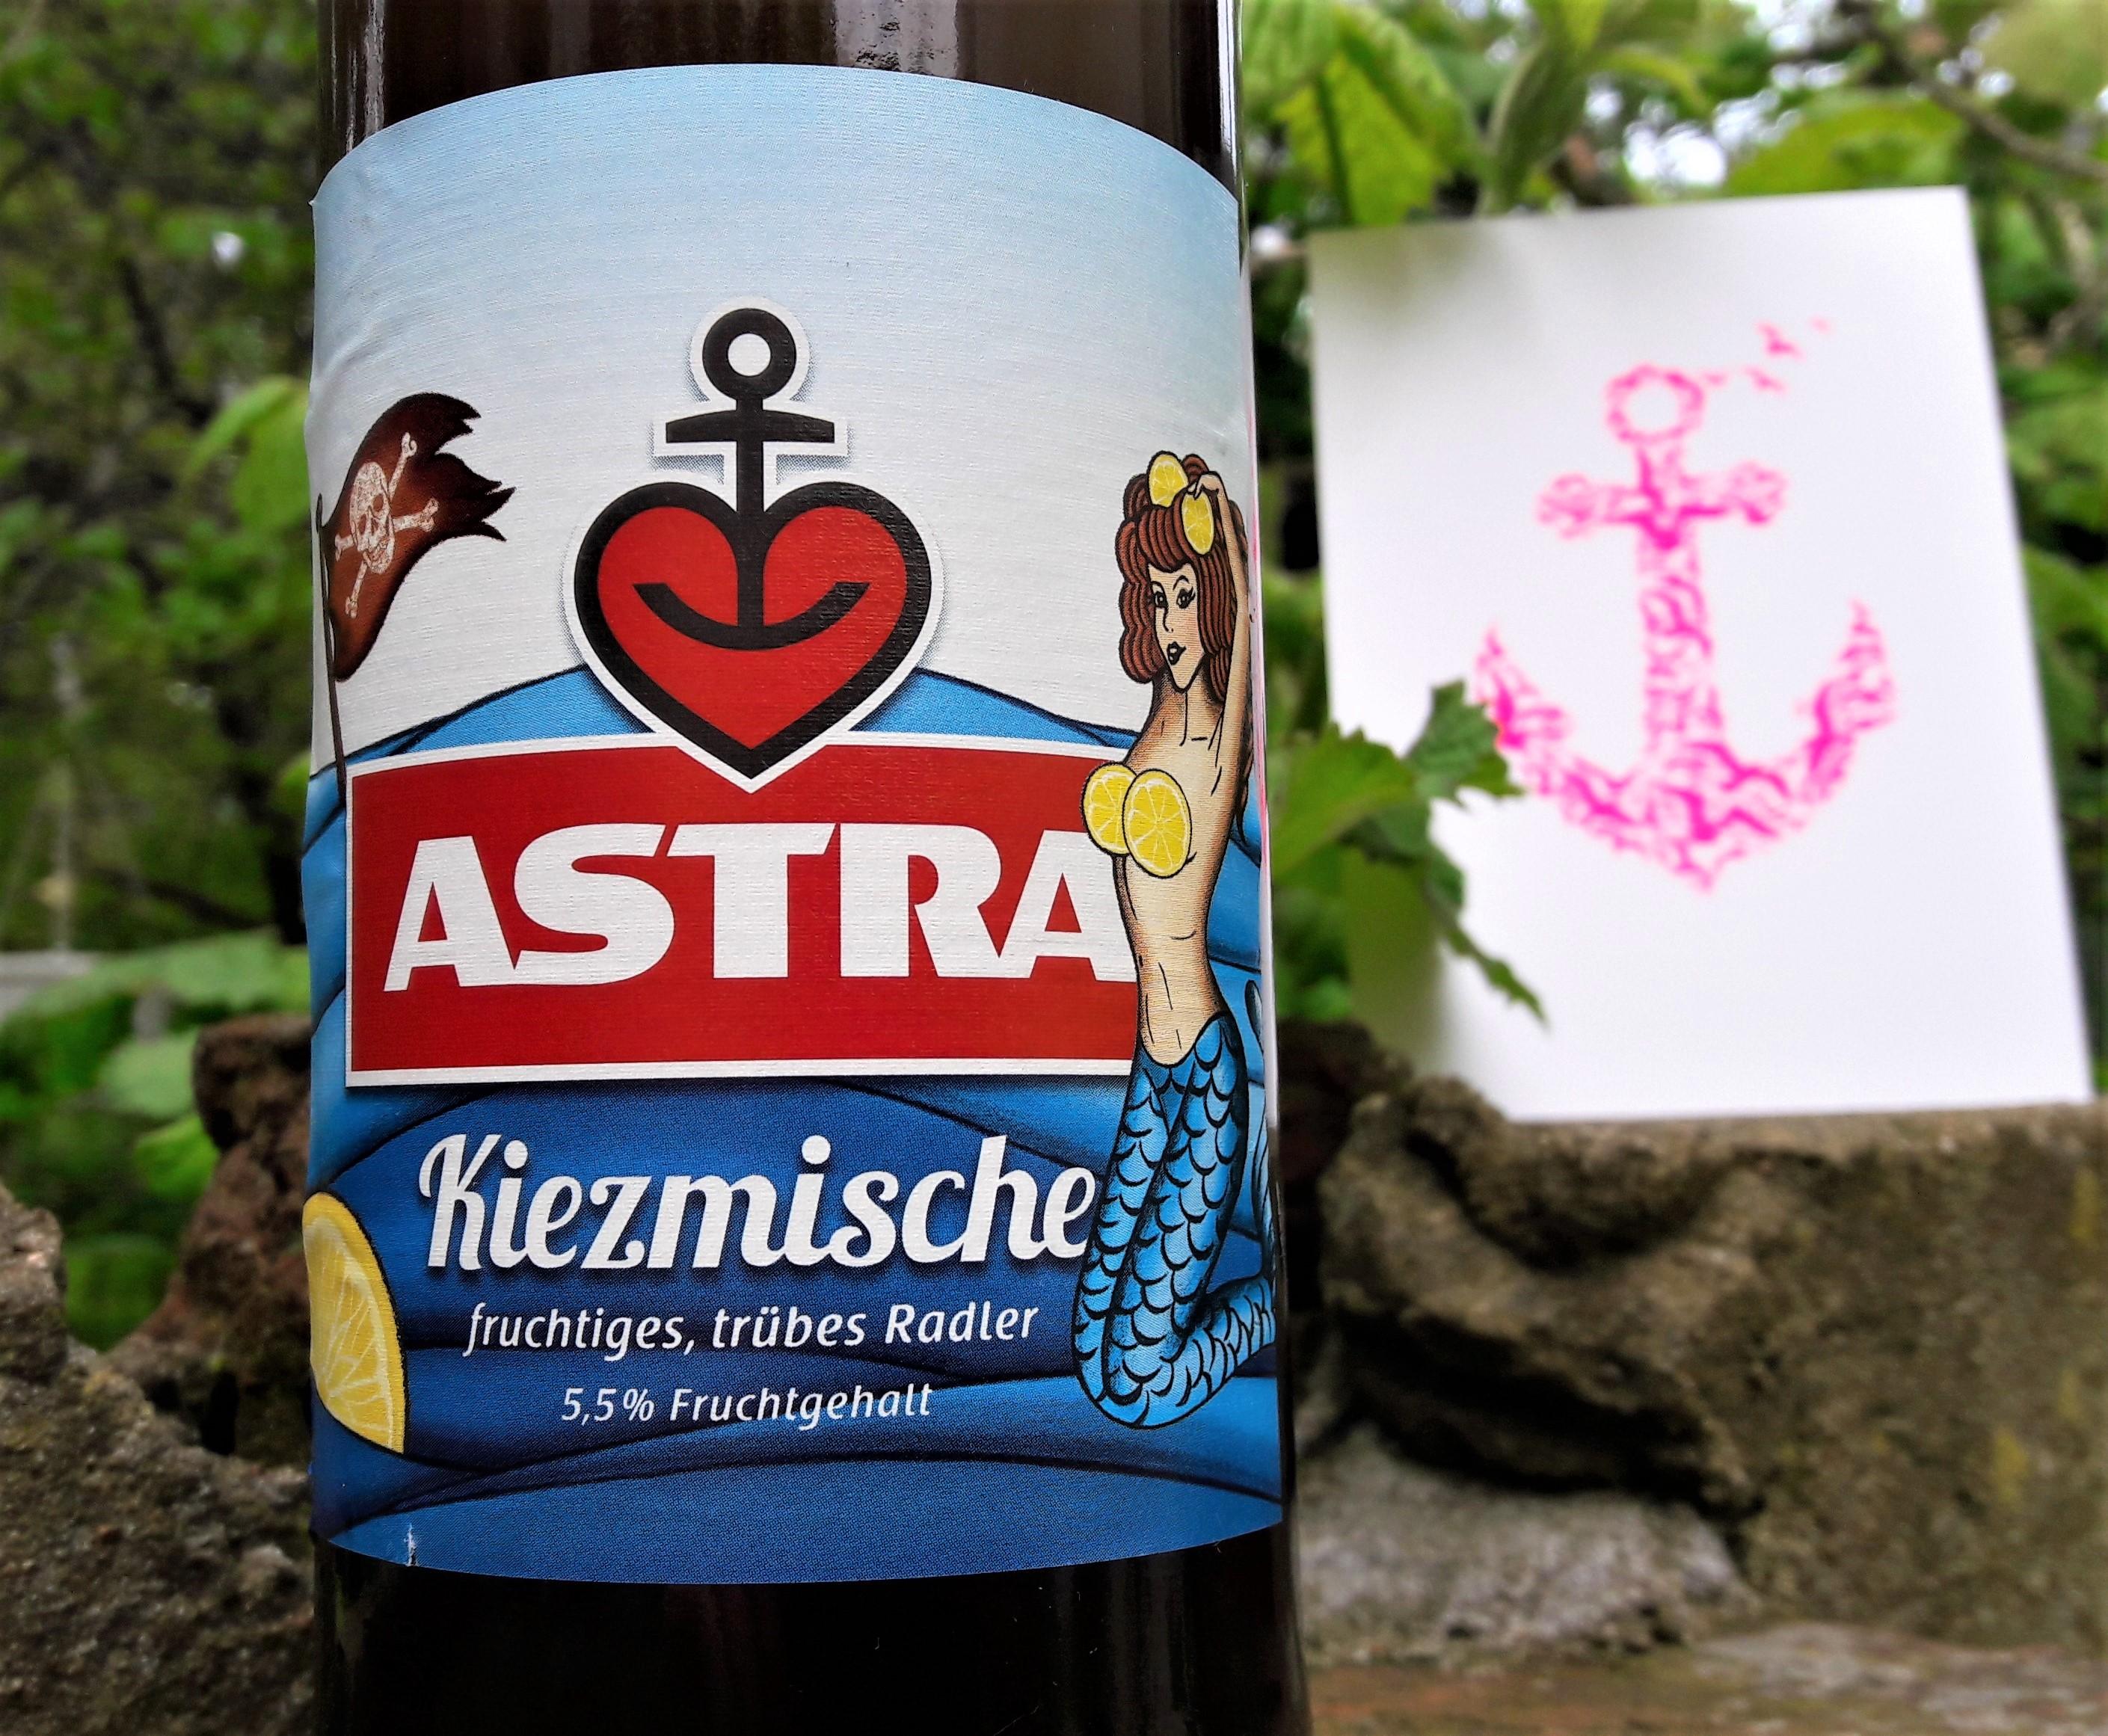 die besten Sommergetränke made in Hamburg im Test